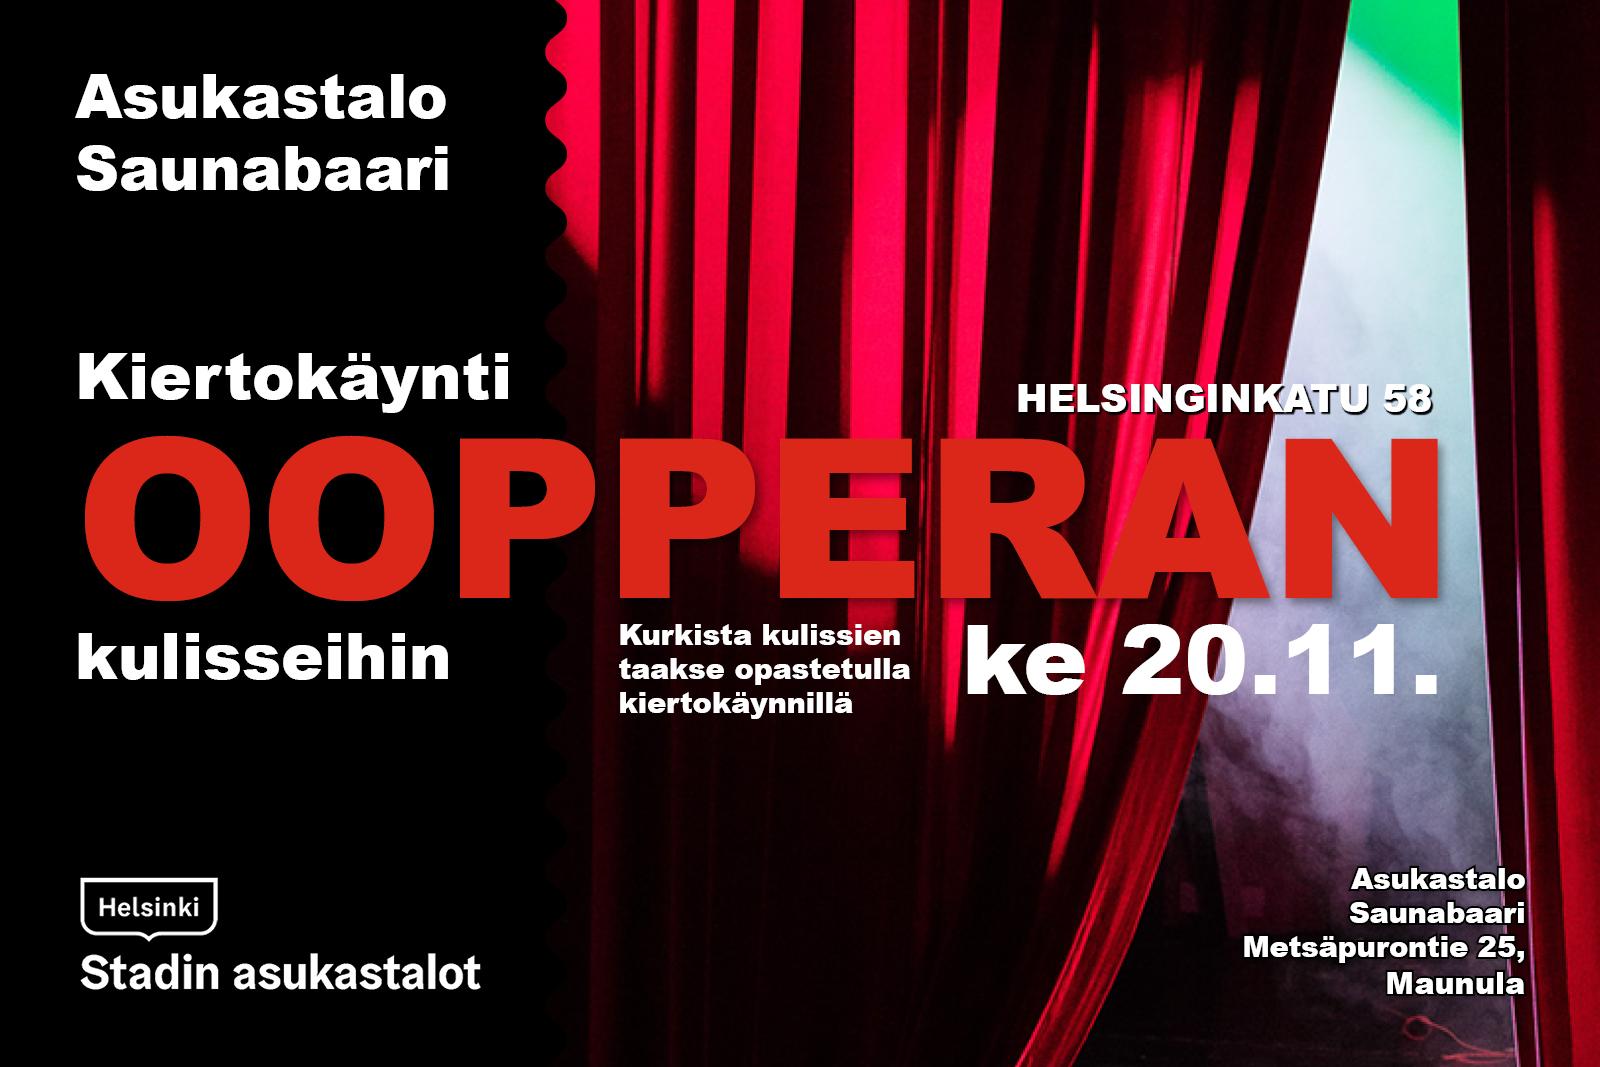 Link to event kiertokäynti OOPPERAN KULISSEIHIN